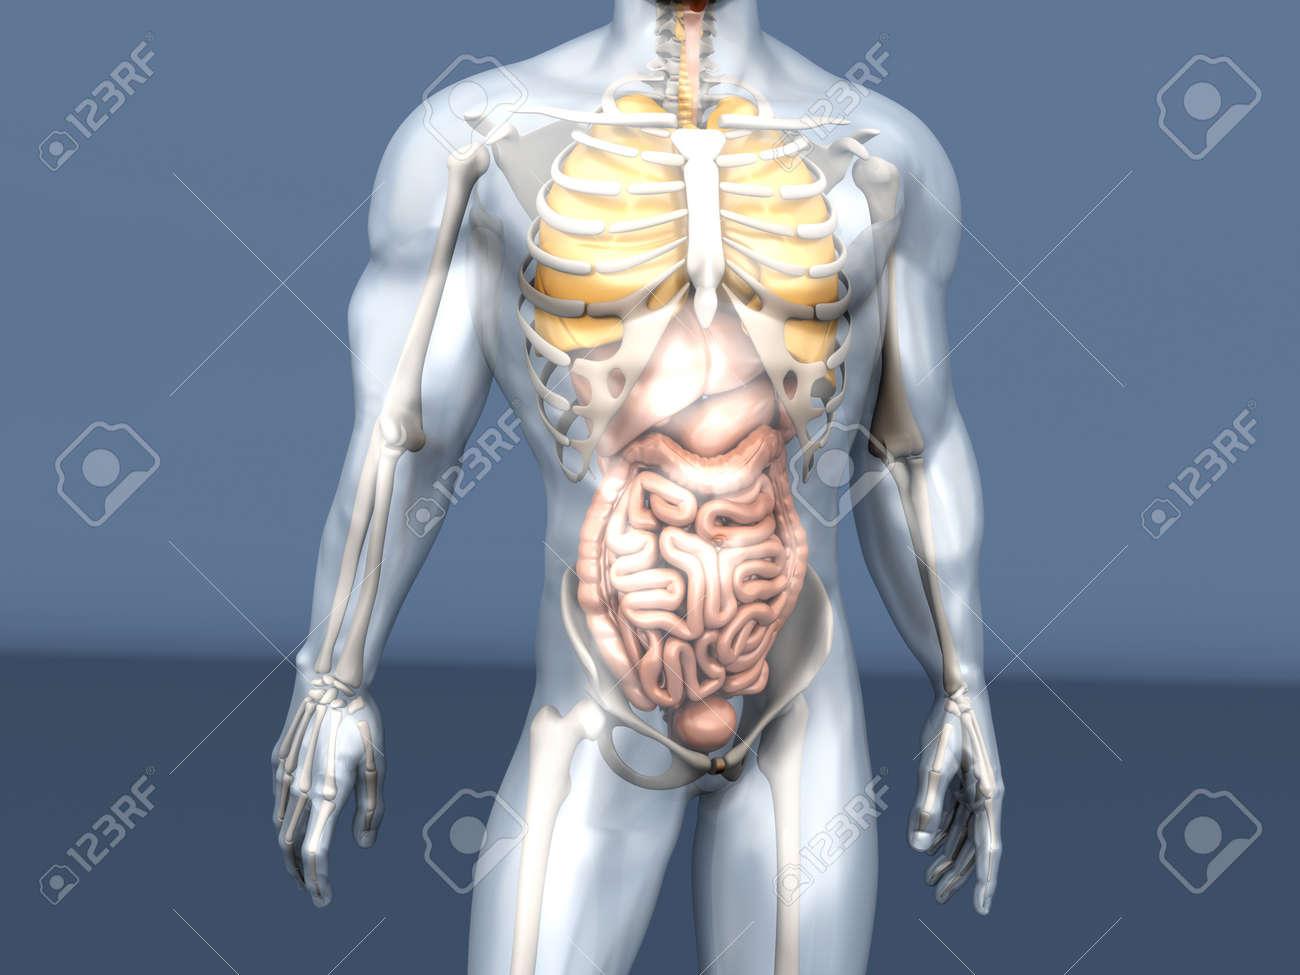 3D-Visualisierung Der Menschlichen Anatomie. Die Inneren Organe In ...